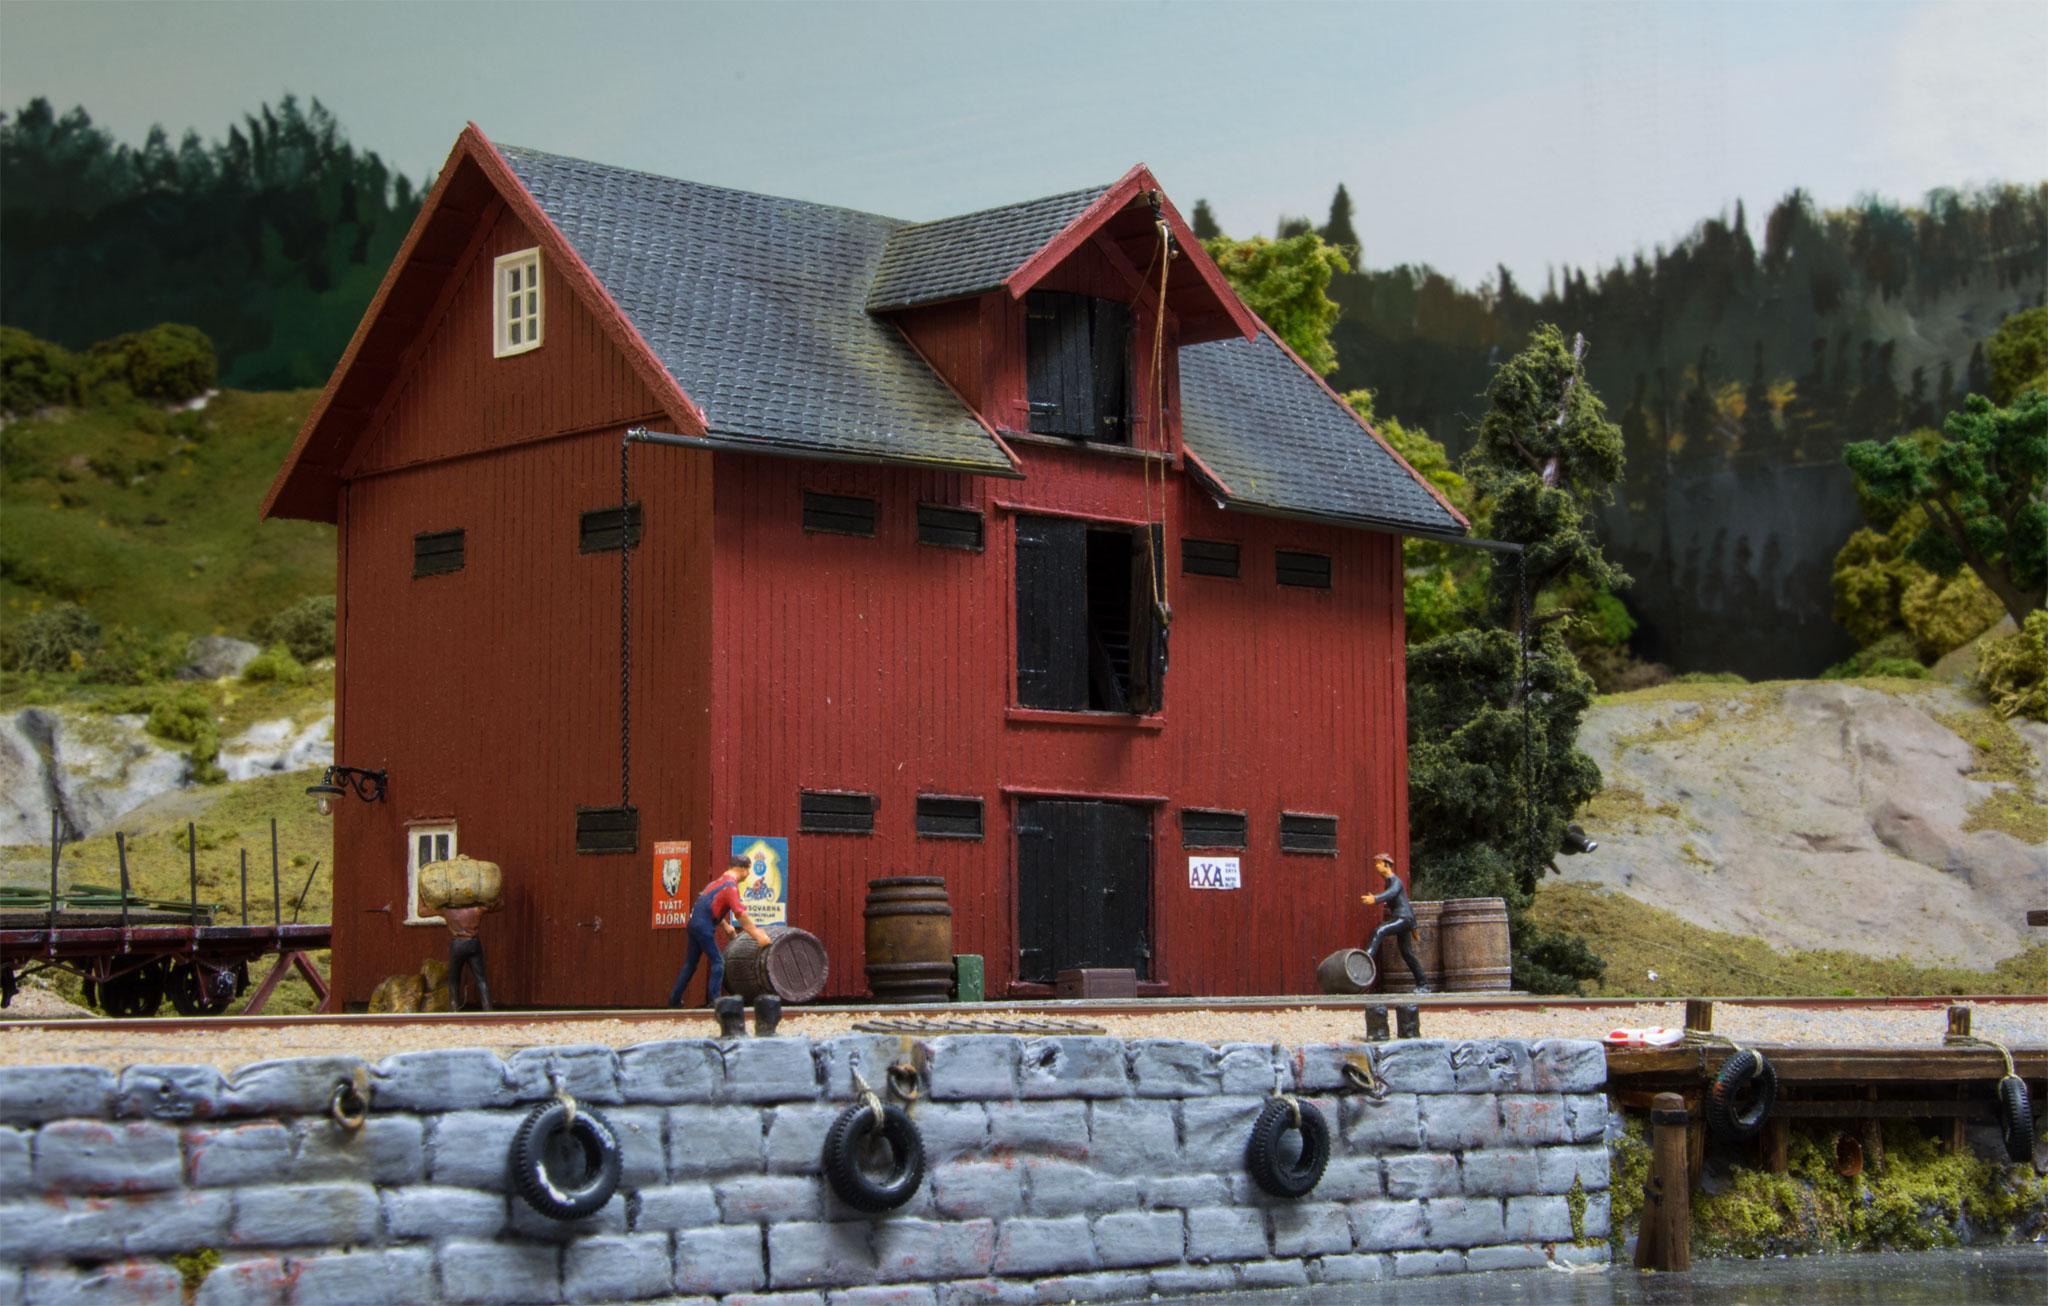 Lagerbygning på havnesporet i Korted, scratchbygget i NorthEastern træ af Peter Falk. (Forbillede: Magasinet i Upperud, ved Dalslands Kanal.  Bygningen står stadig)